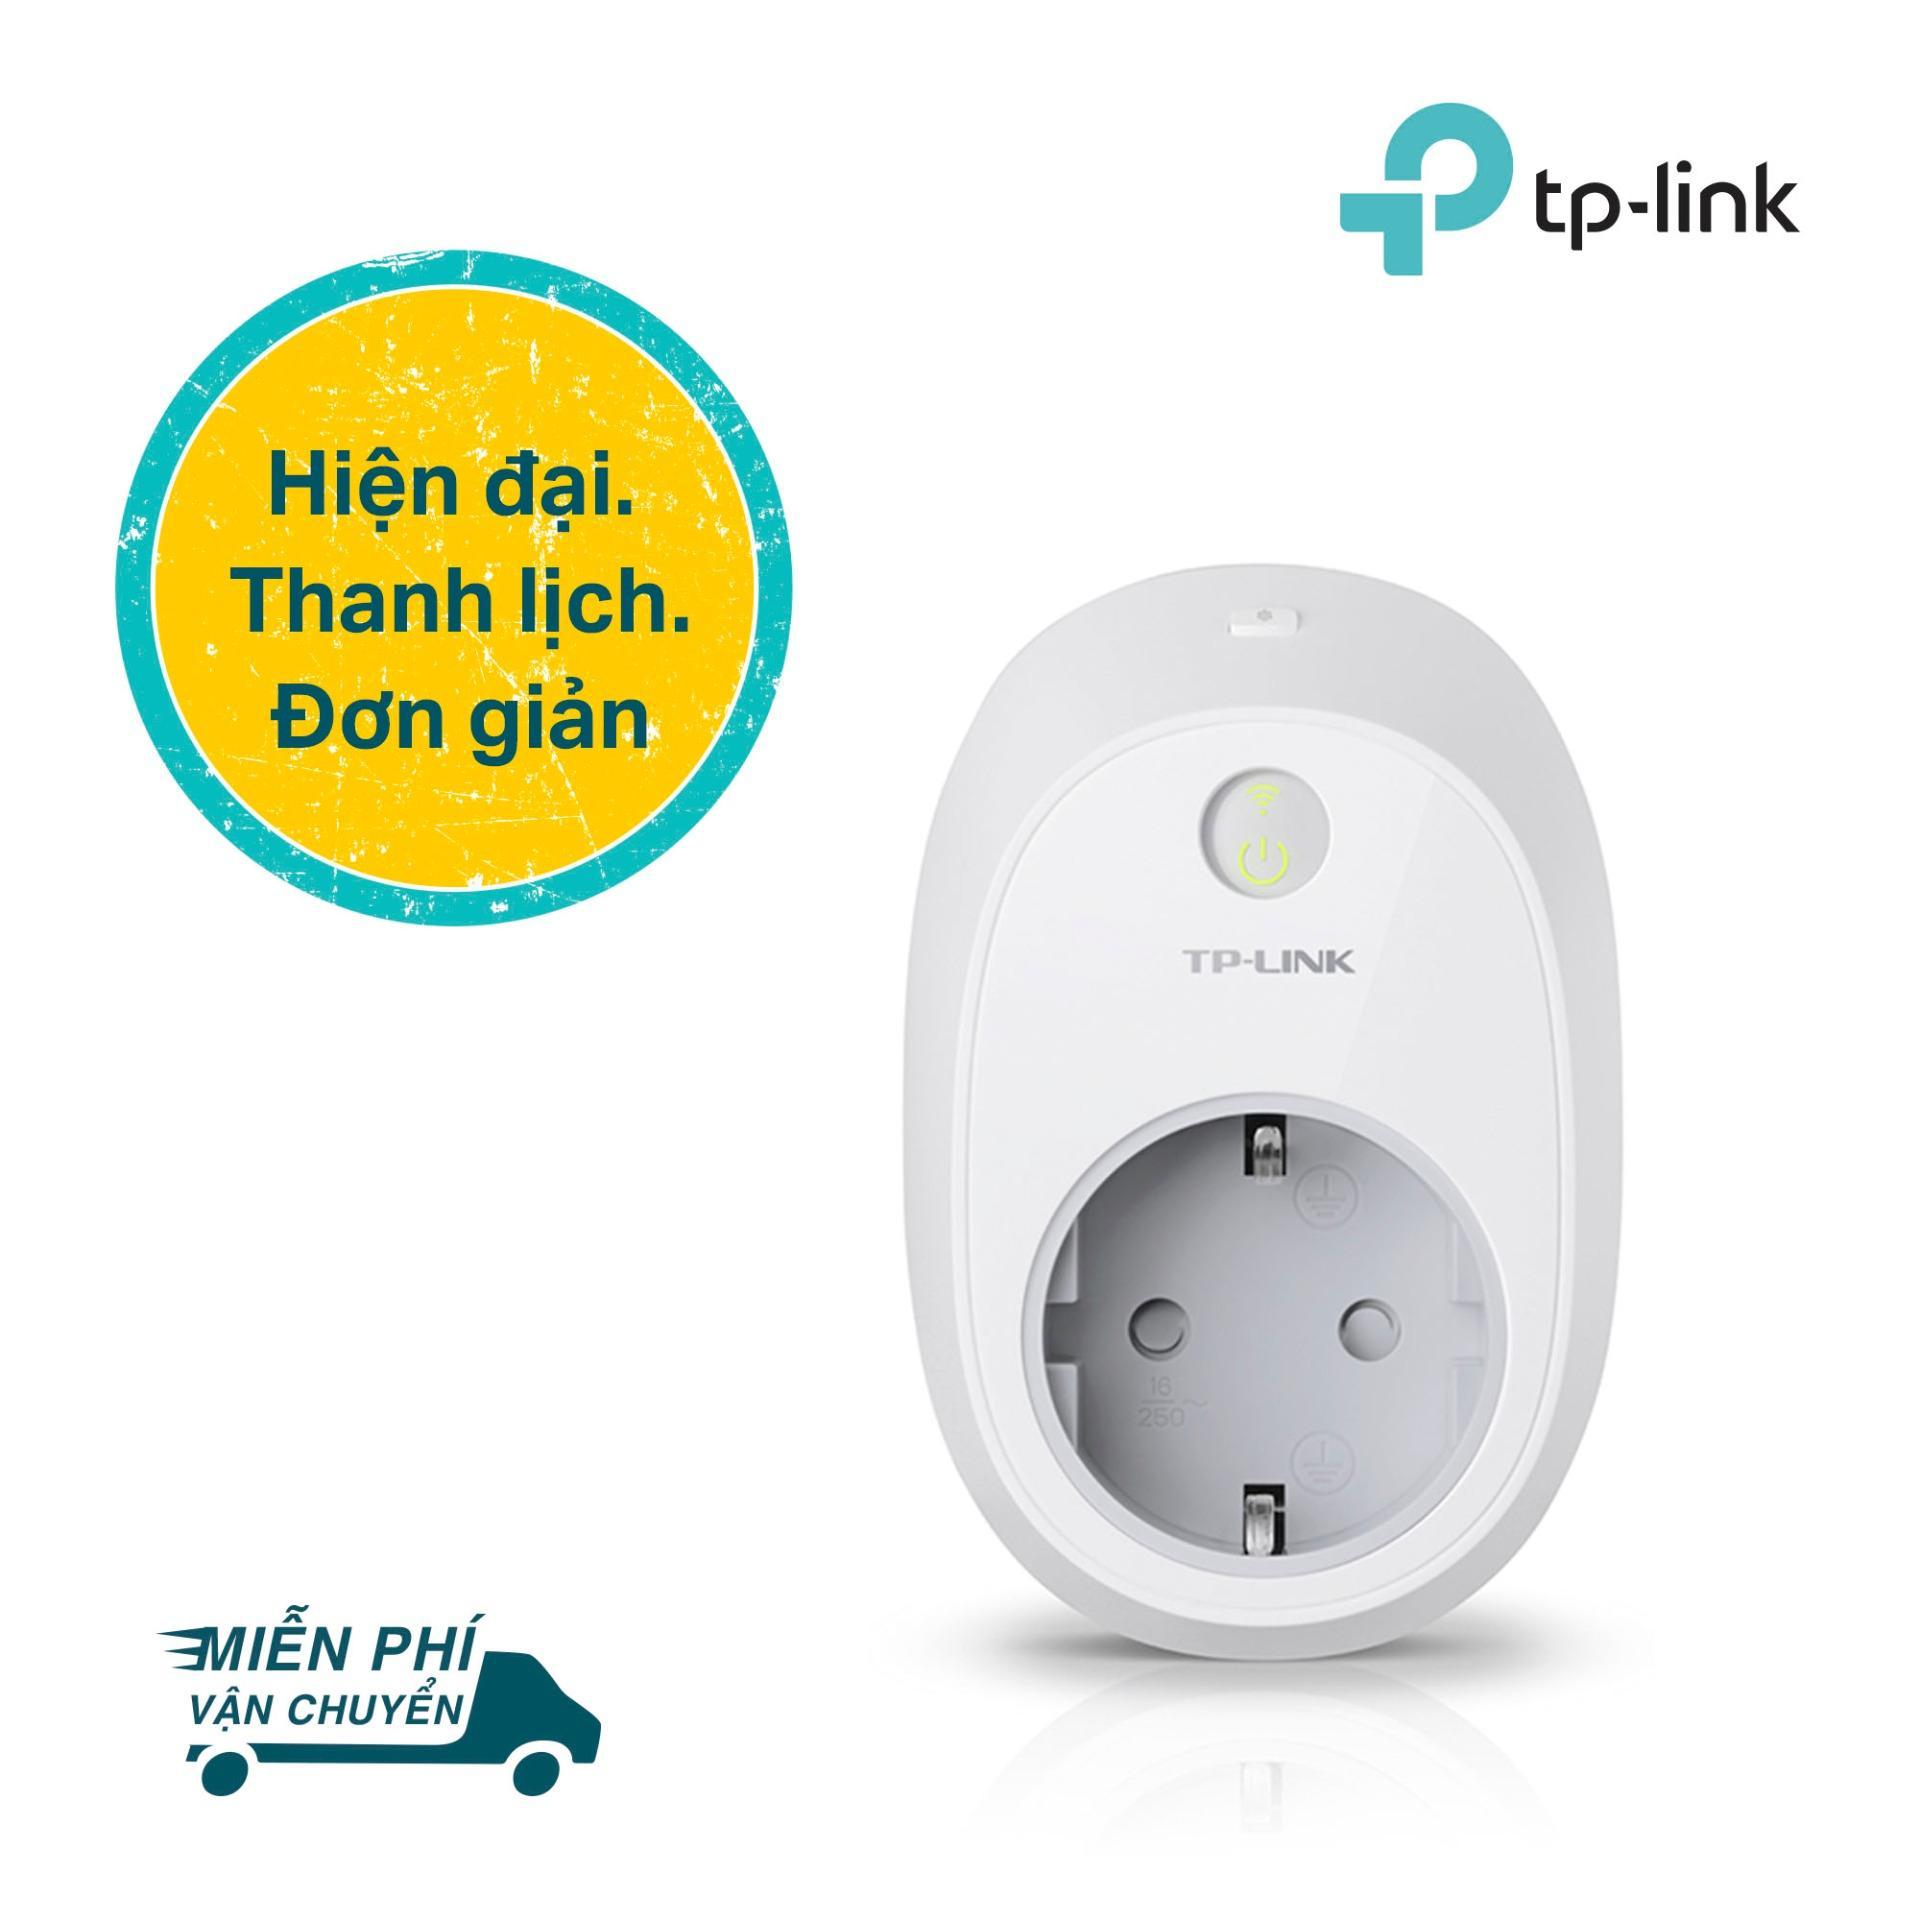 TP-Link Ổ cắm điện Wi-Fi thông minh Điều khiển từ xa - HS100 - Hãng phân phối chính thức